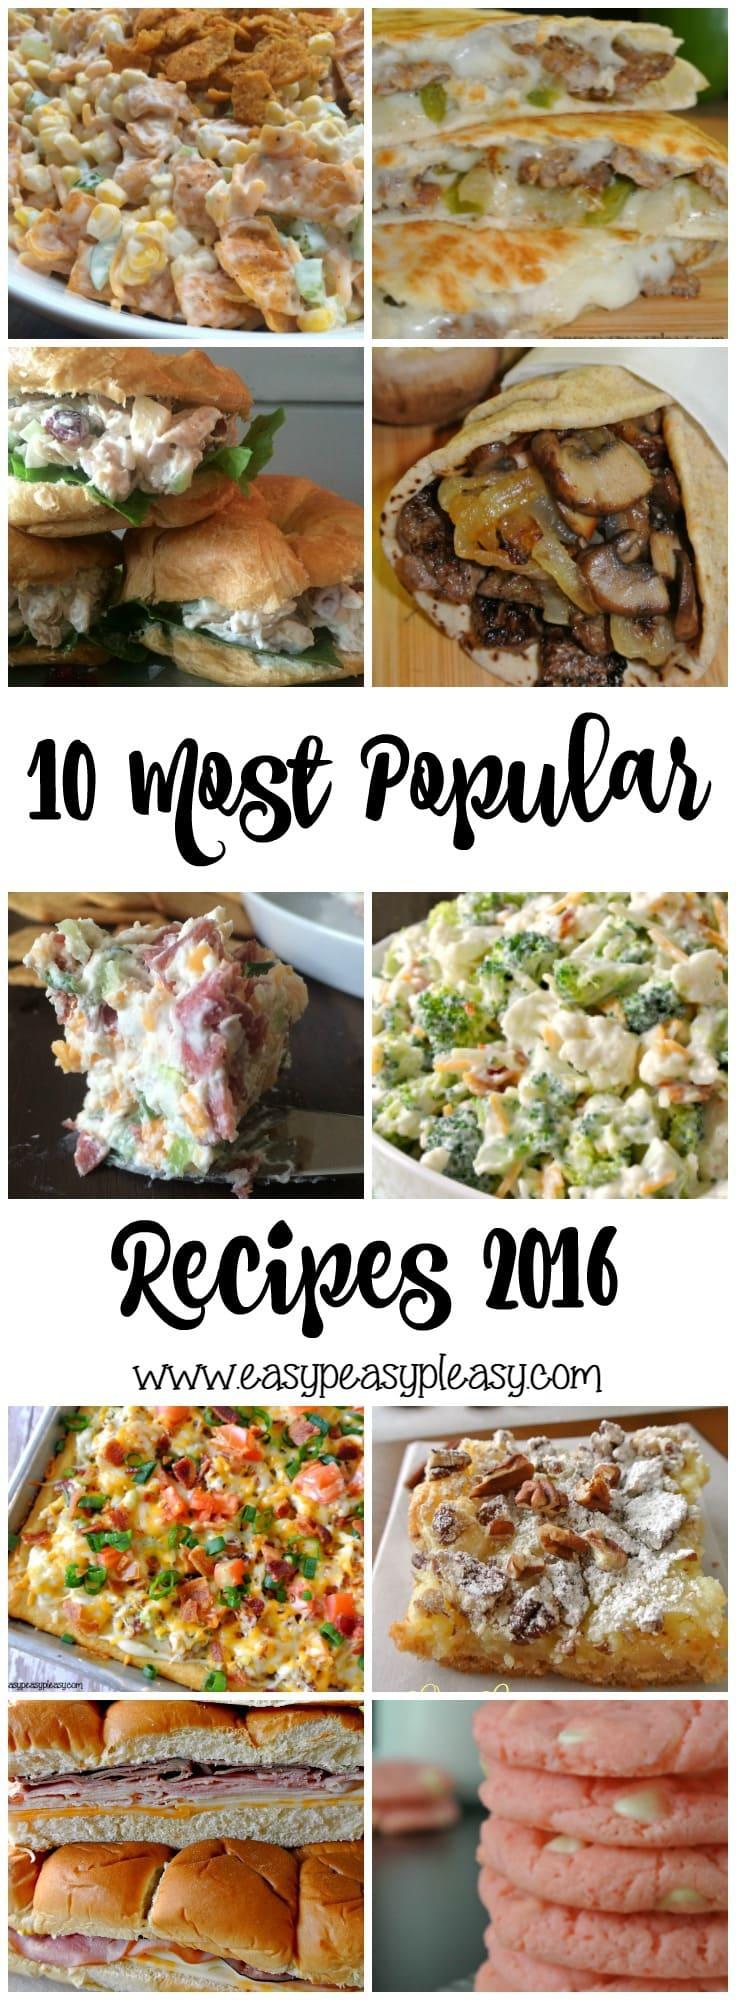 Top 10 Most Popular Recipes 2016